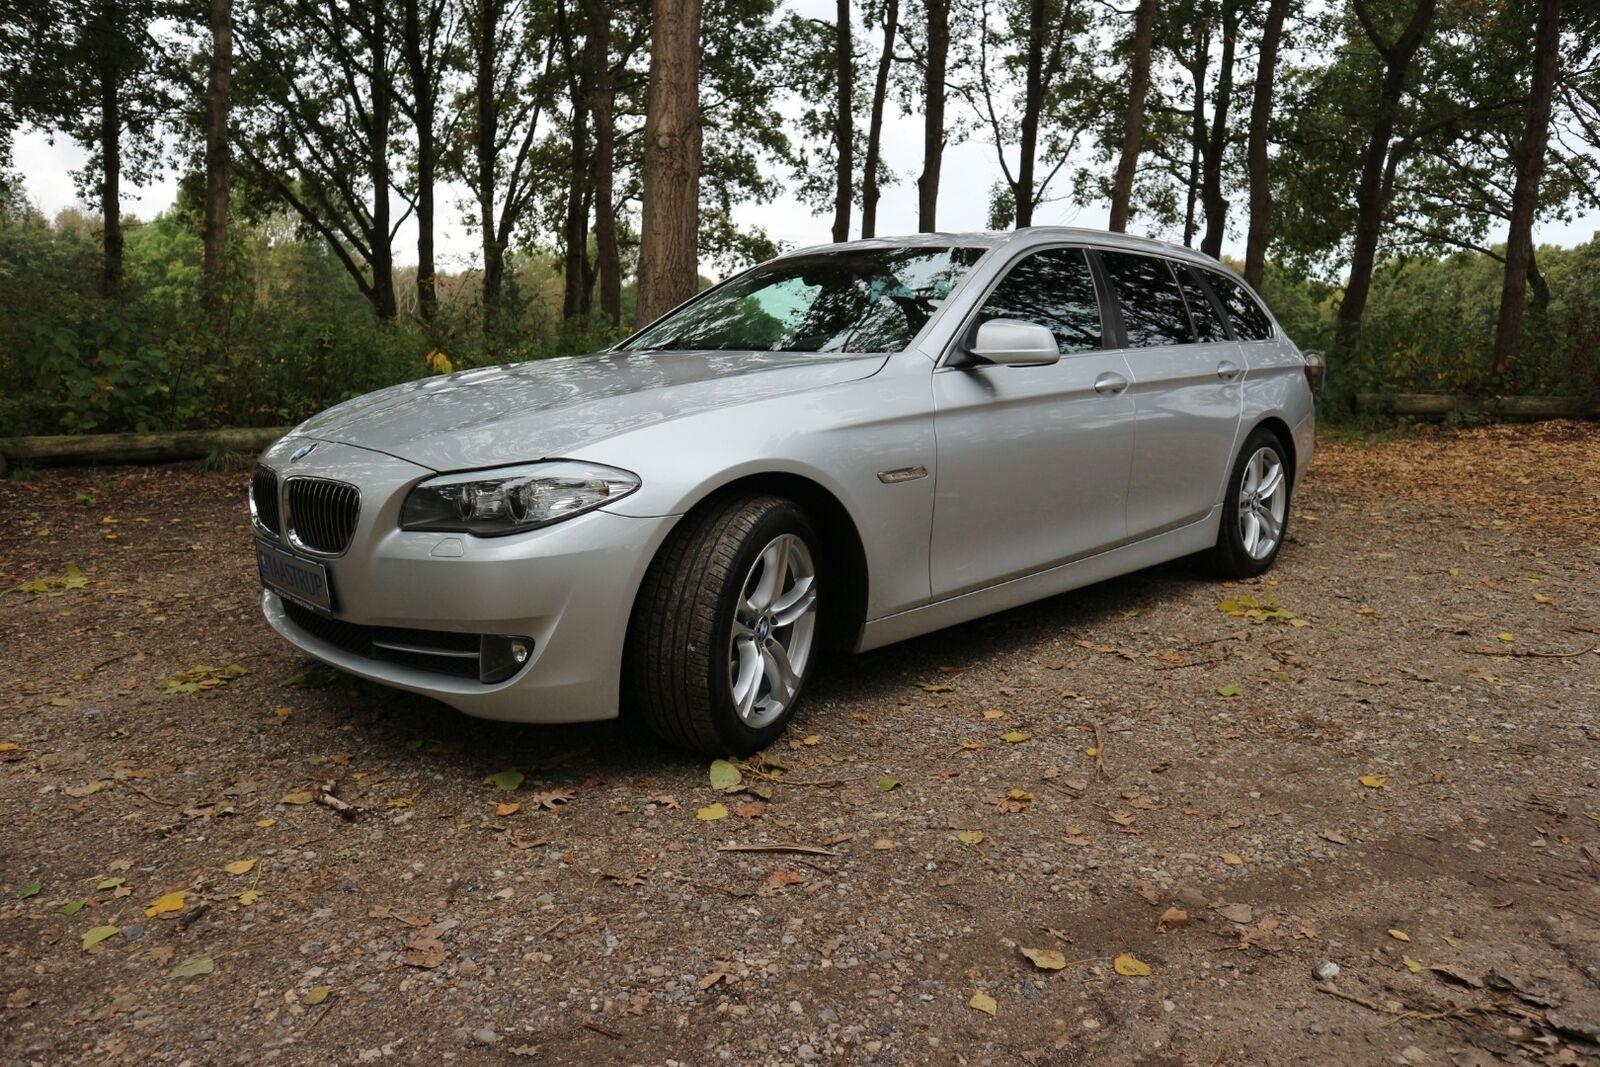 BMW 520d 2,0 Touring aut. 5d - 219.900 kr.